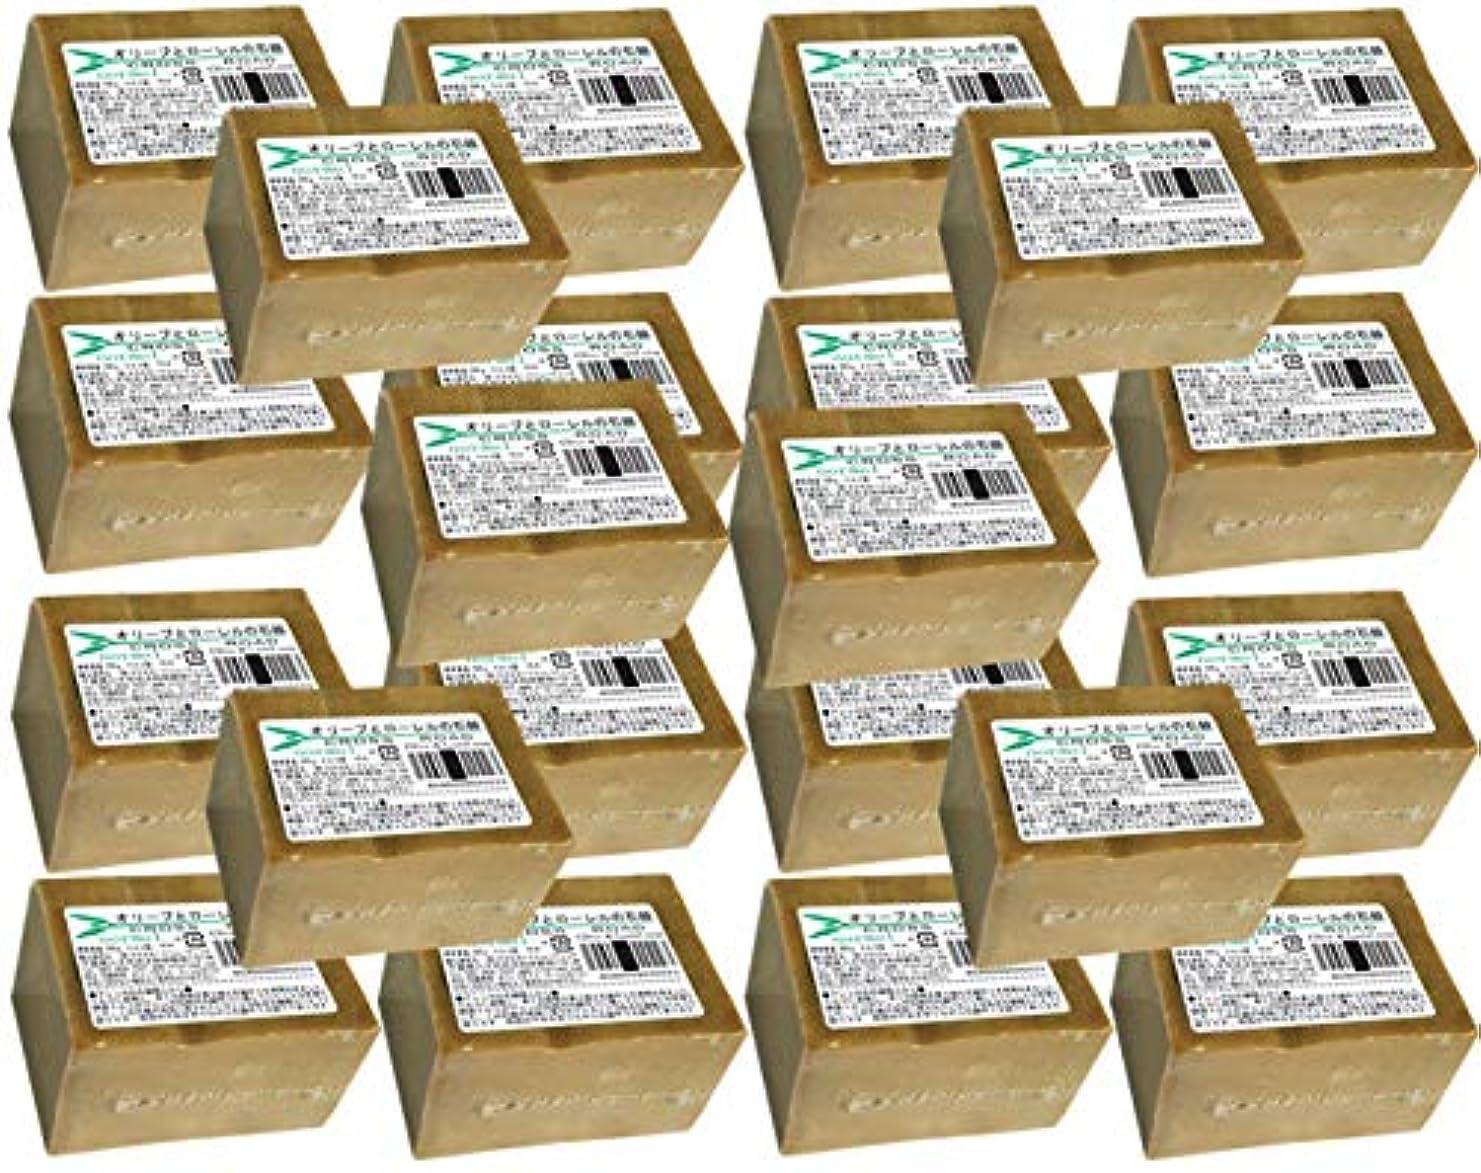 不変フレームワークシエスタオリーブとローレルの石鹸(ノーマル)22個セット[並行輸入品]